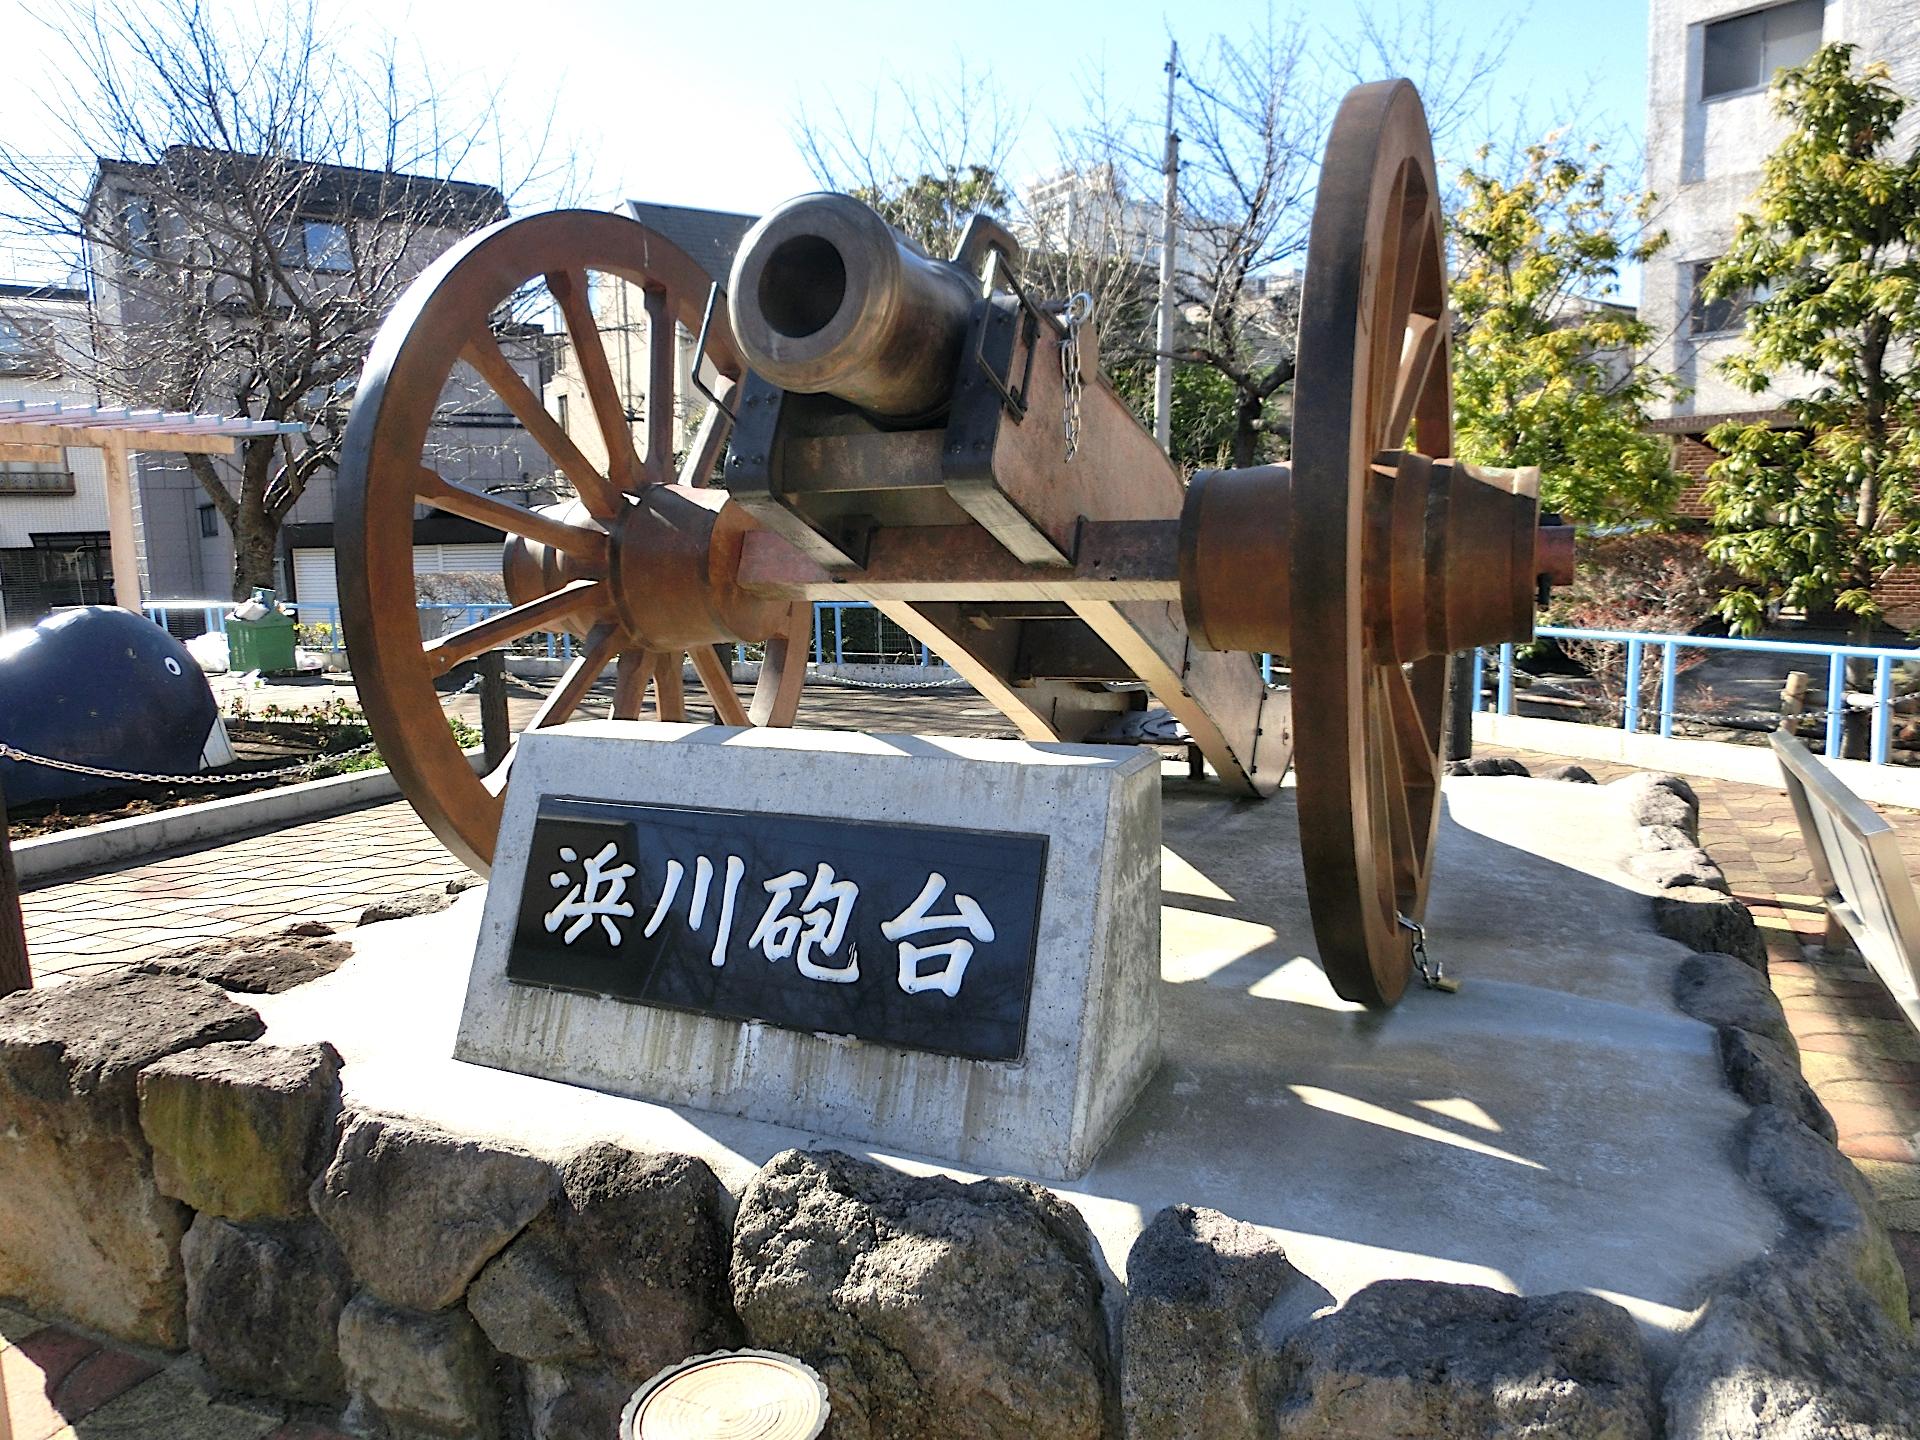 新浜川公園(復元浜川砲台)